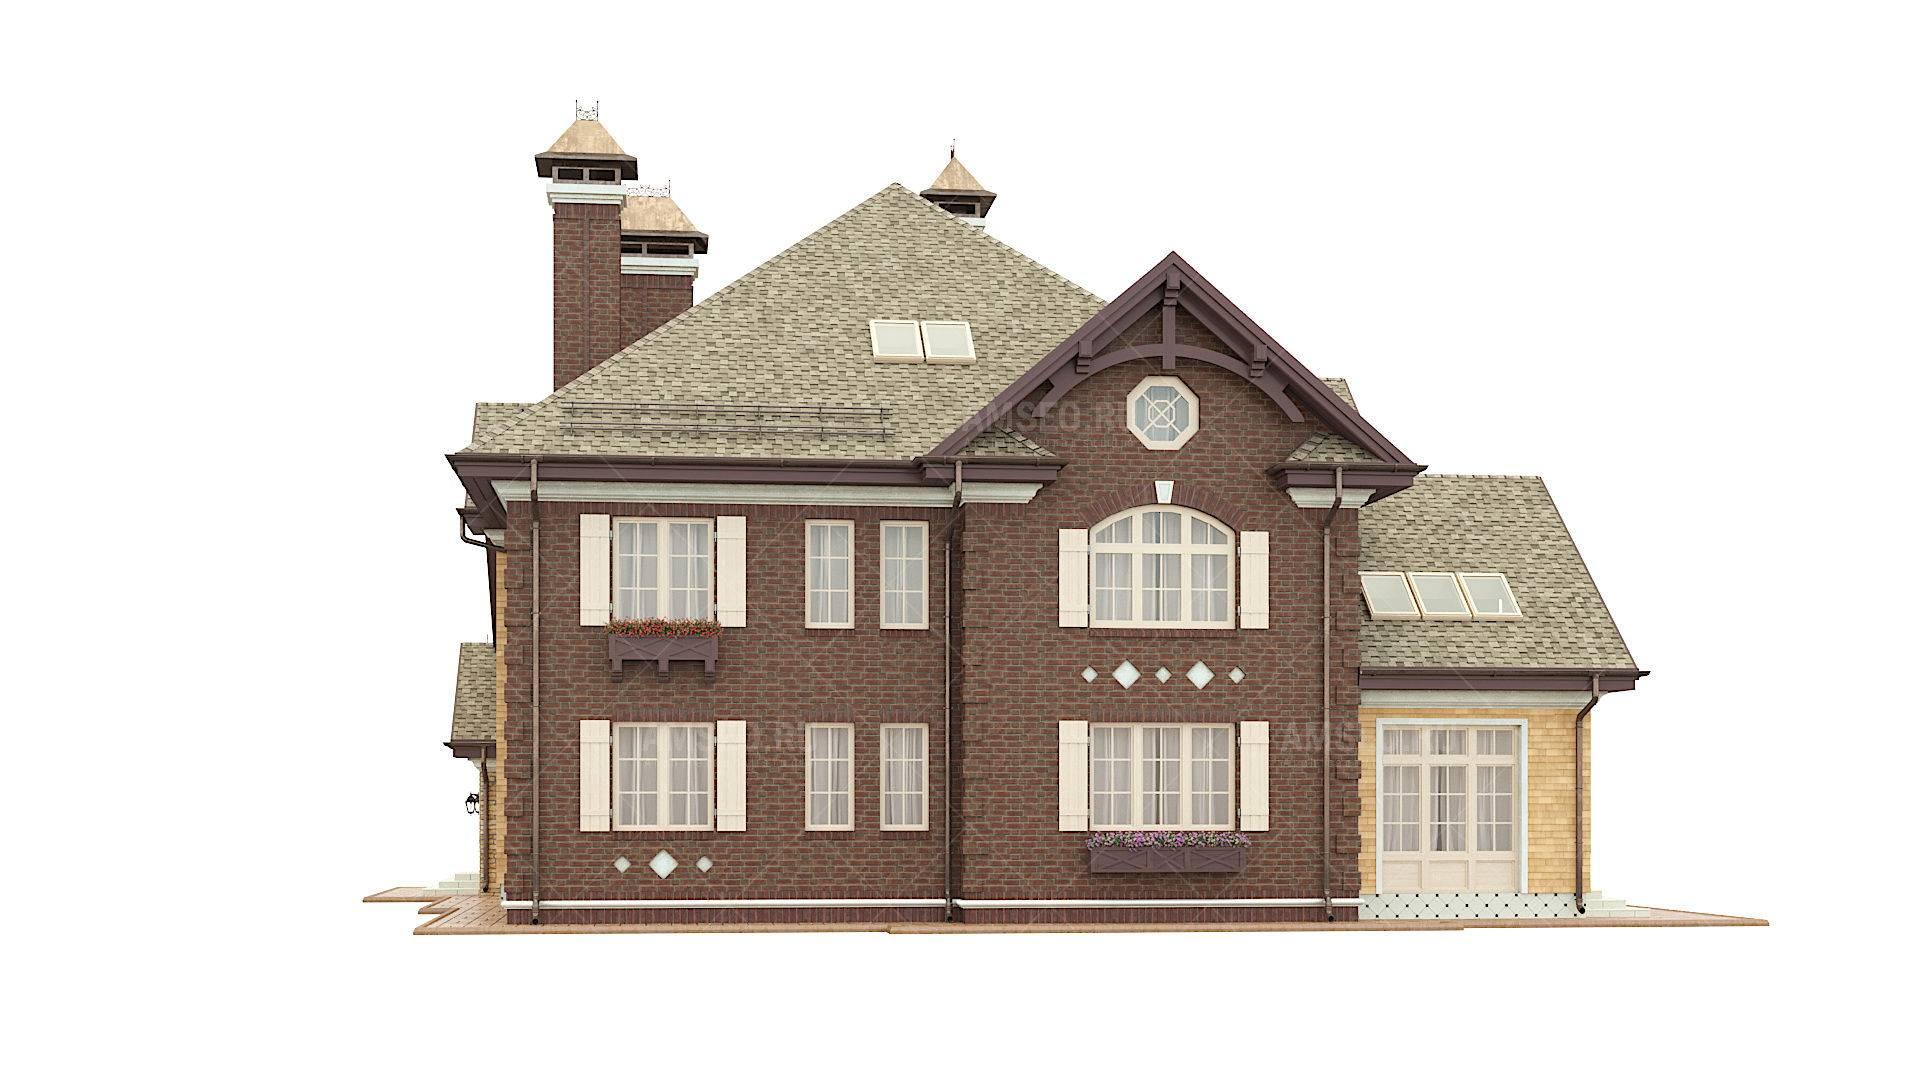 Великолепные проекты домов в традиционном английском стиле. проекты домов в английском стиле из кирпича